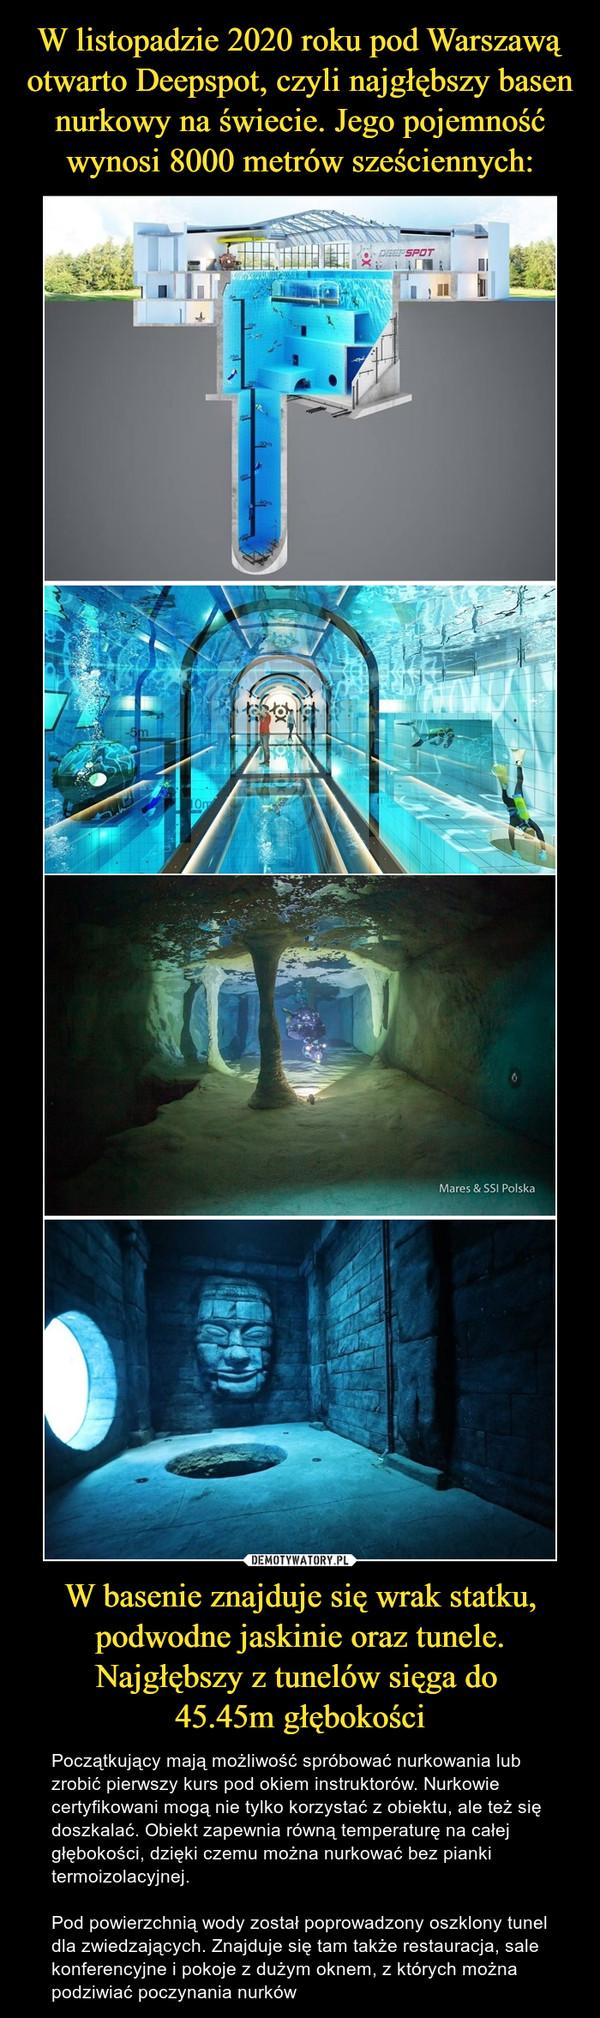 W basenie znajduje się wrak statku, podwodne jaskinie oraz tunele. Najgłębszy z tunelów sięga do 45.45m głębokości – Początkujący mają możliwość spróbować nurkowania lub zrobić pierwszy kurs pod okiem instruktorów. Nurkowie certyfikowani mogą nie tylko korzystać z obiektu, ale też się doszkalać. Obiekt zapewnia równą temperaturę na całej głębokości, dzięki czemu można nurkować bez pianki termoizolacyjnej.Pod powierzchnią wody został poprowadzony oszklony tunel dla zwiedzających. Znajduje się tam także restauracja, sale konferencyjne i pokoje z dużym oknem, z których można podziwiać poczynania nurków